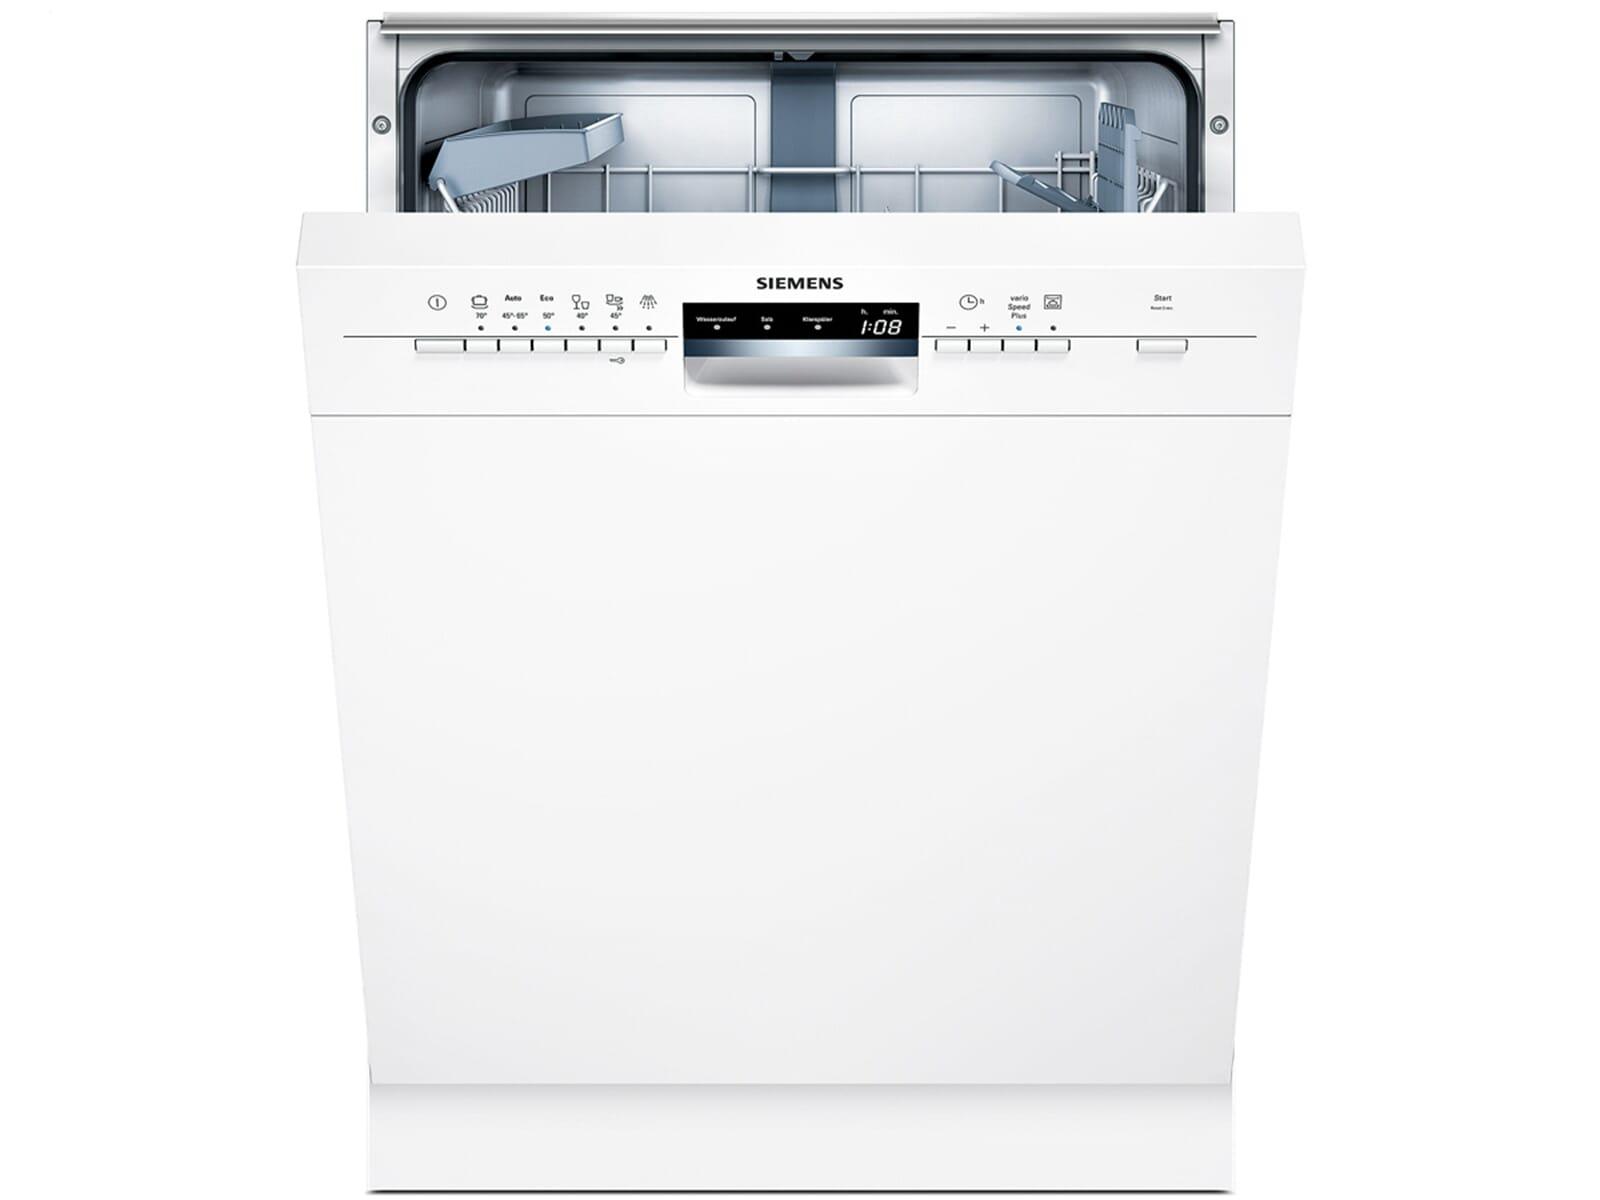 Unterbau Geschirrspuler Gunstig Kaufen Geschirrspuler Spulmaschine